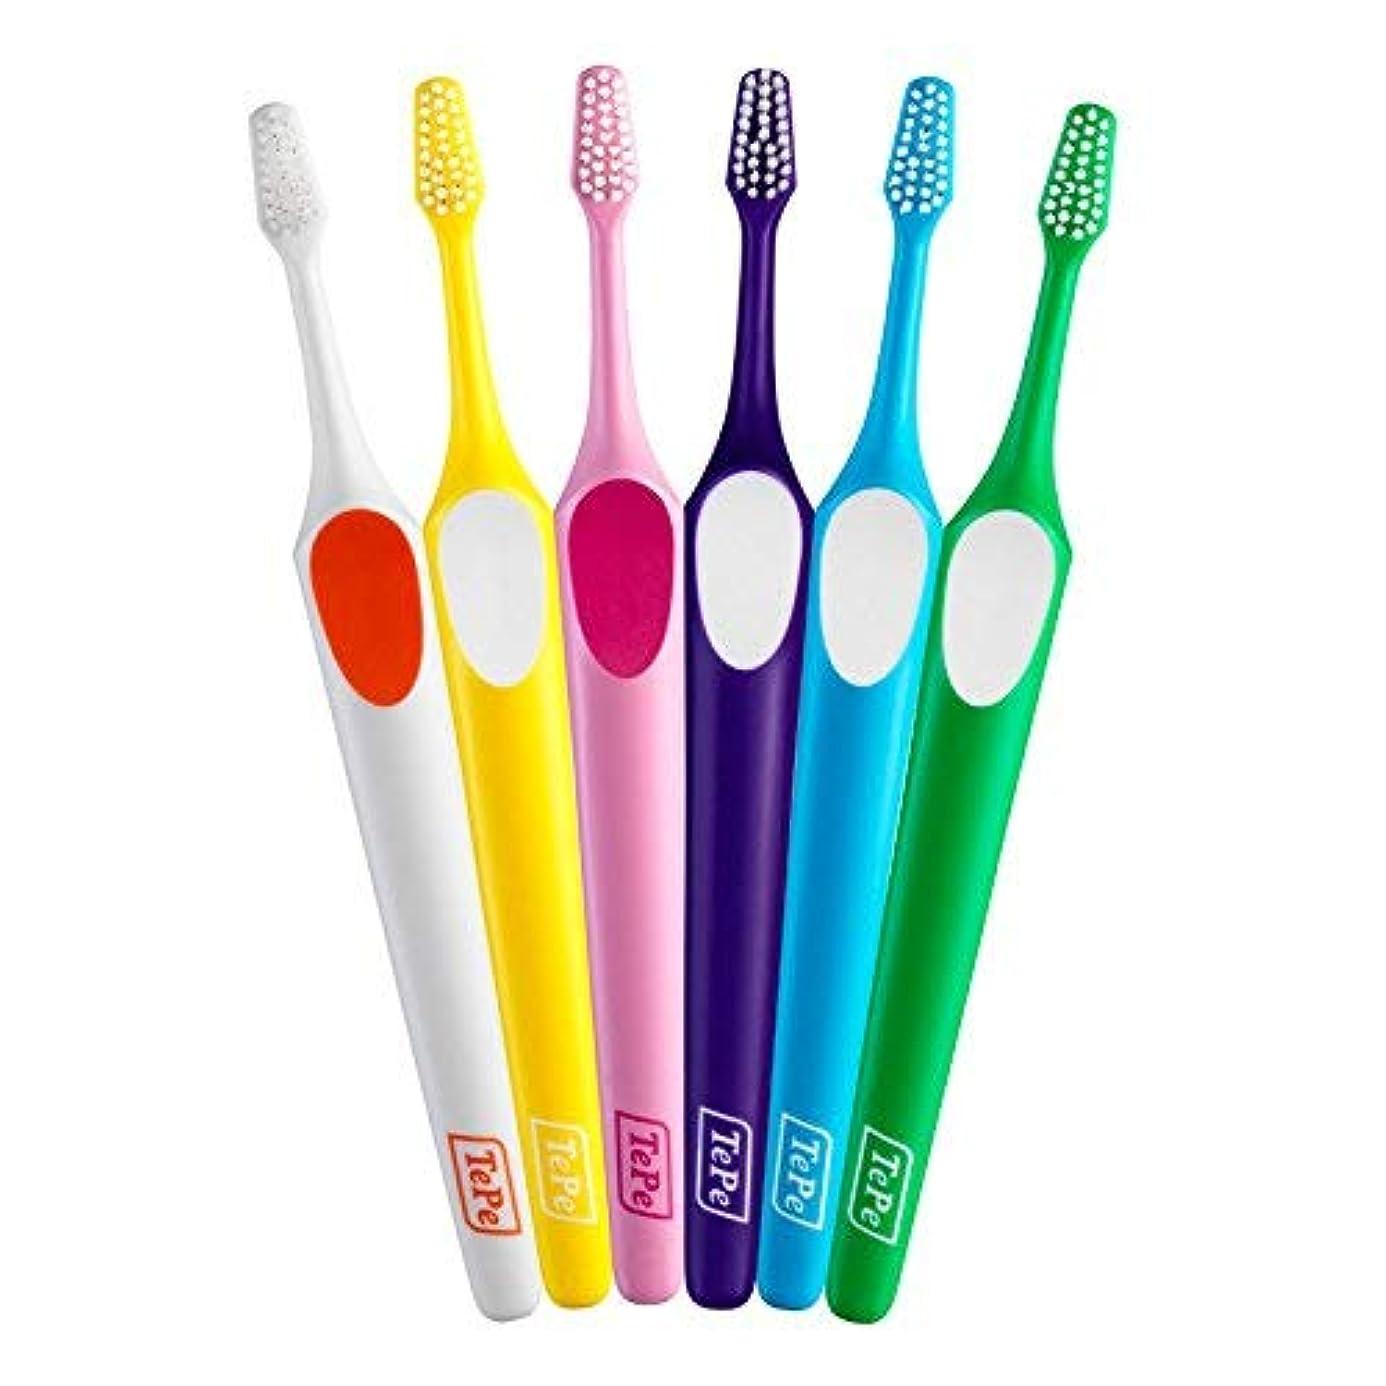 正気ガスバイオレットTePe テペ 歯ブラシ スプリーム コンパクト 20本入